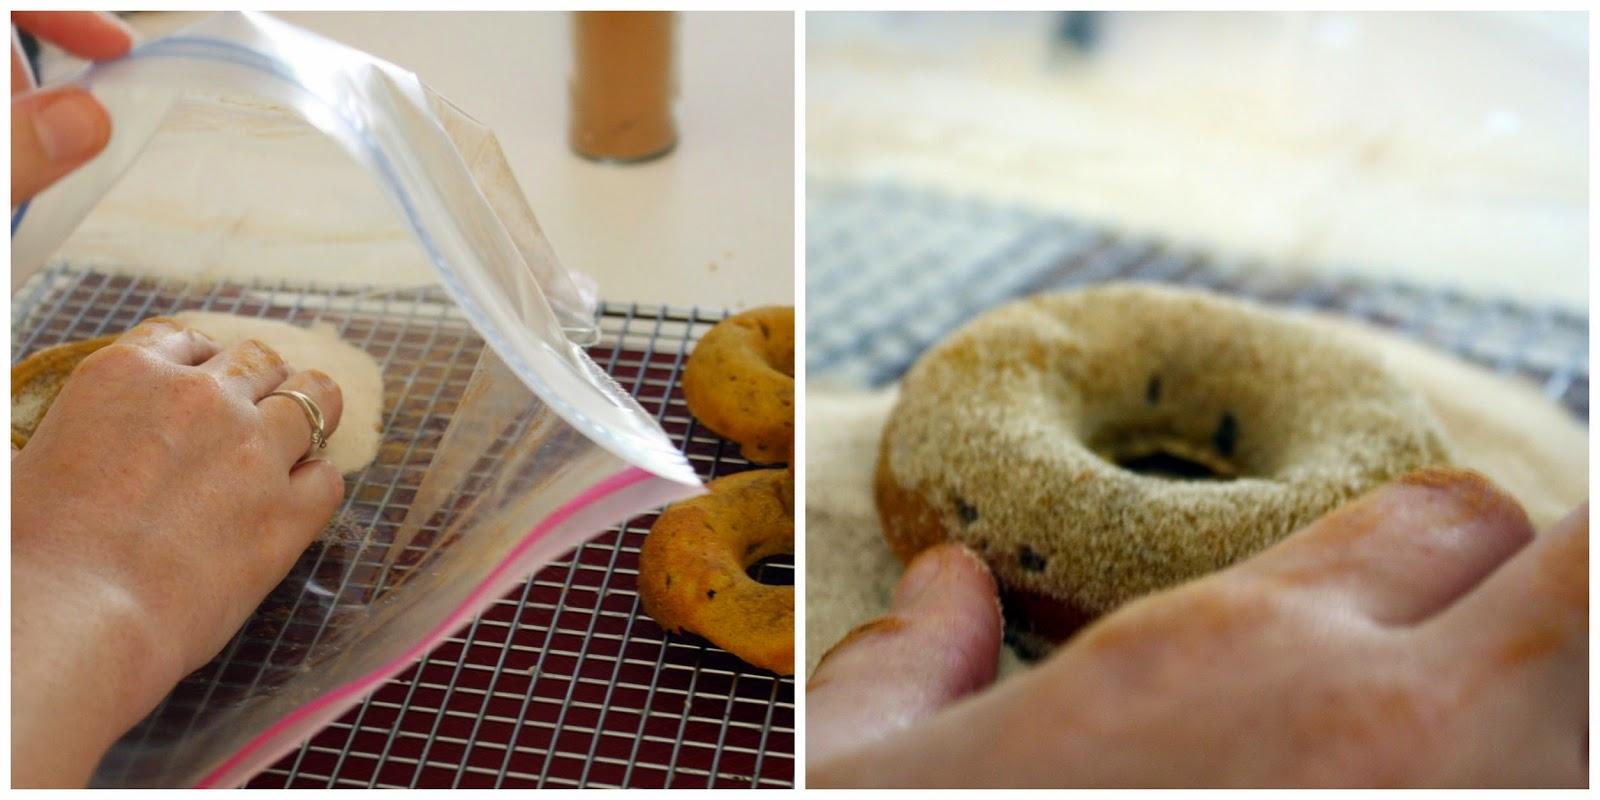 Cinnamon sugar for dougnuts